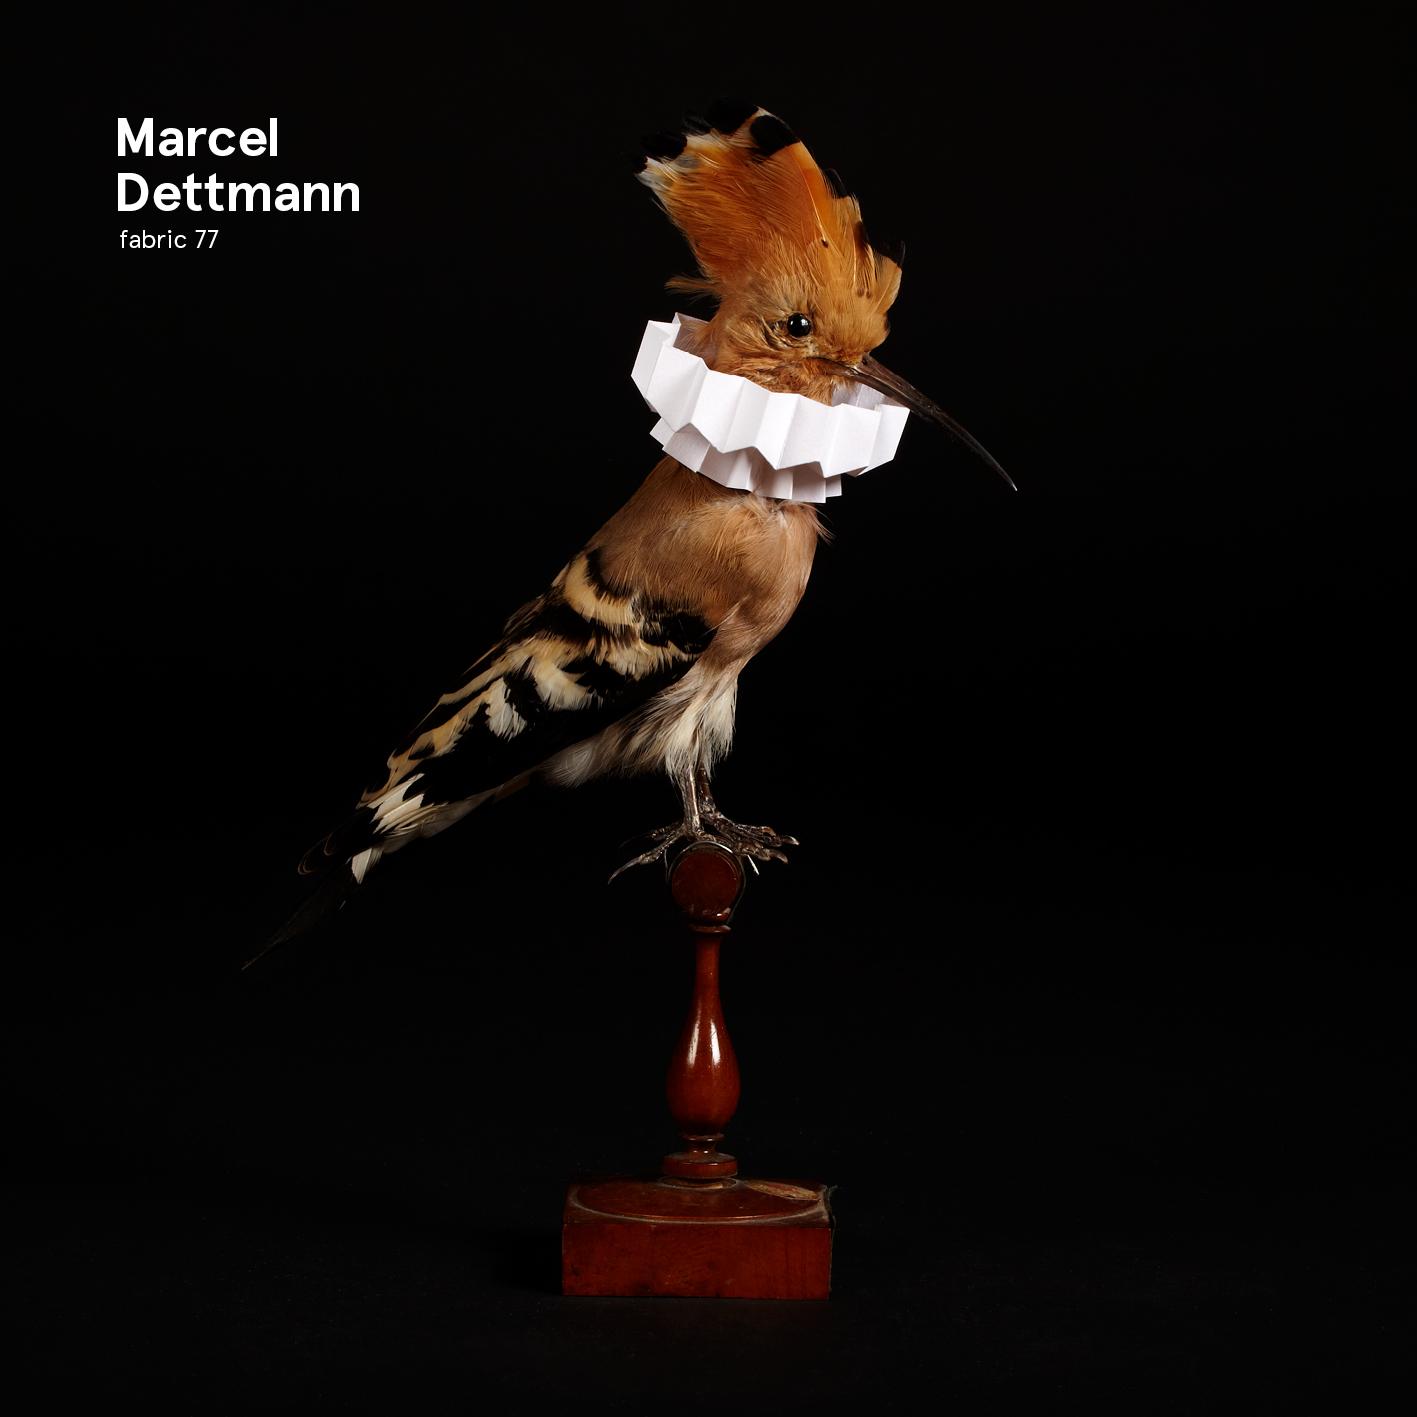 Marcel Dettmann  – Fabric 77 (Fabric)